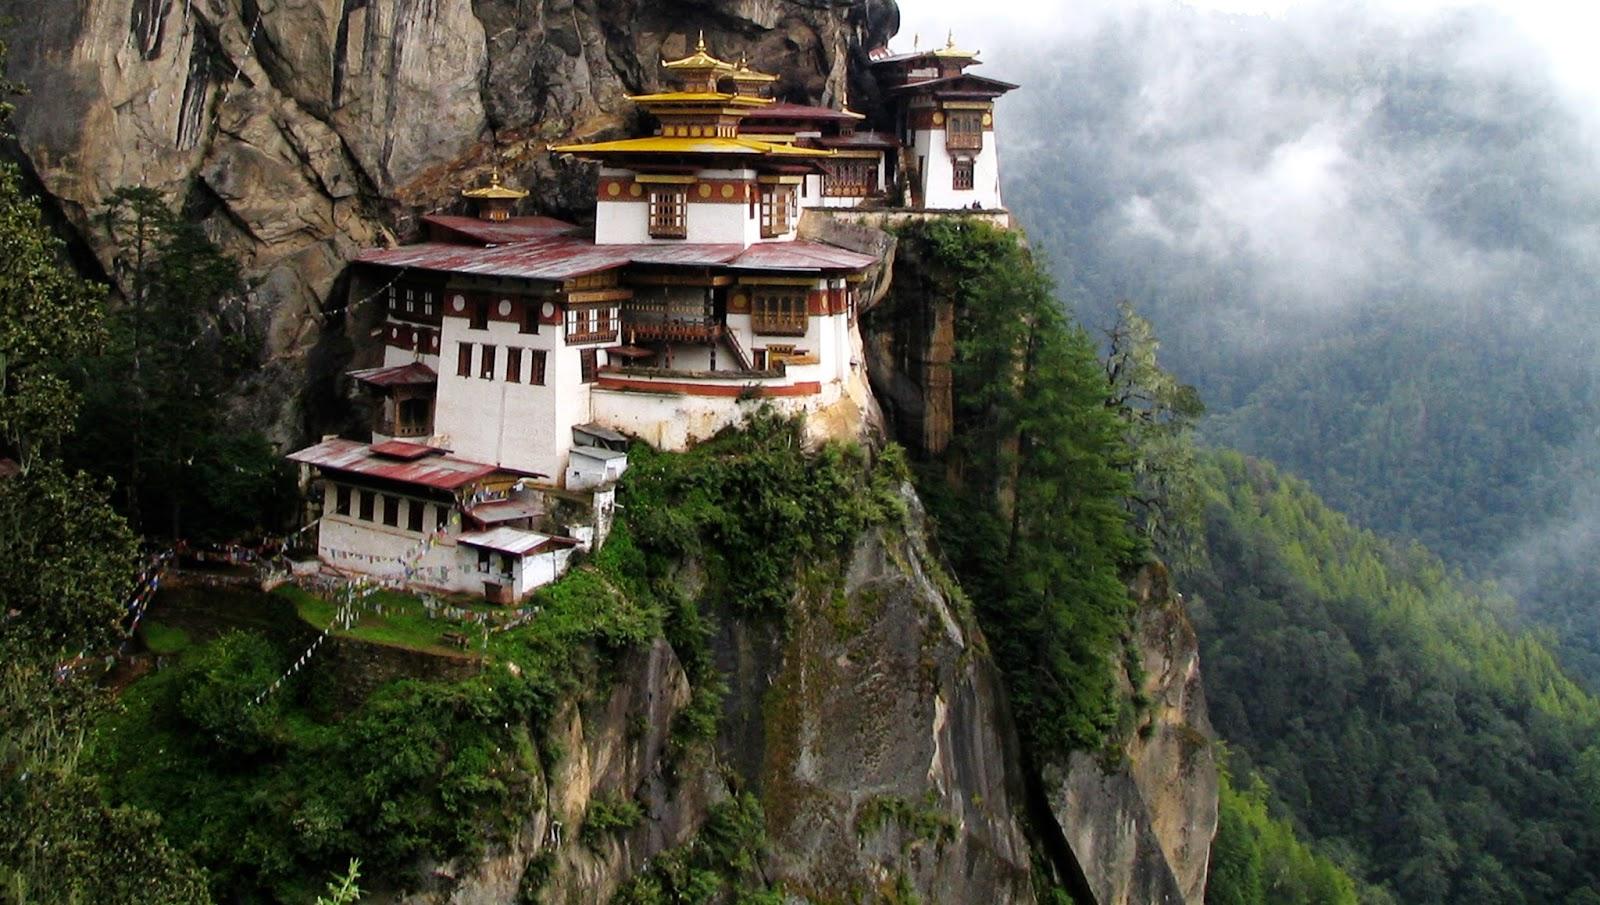 TURISMO DE ALTURA PARA MEDITAR, Taktshang, Nido del Tigre, Valle de Paro, Bután 1